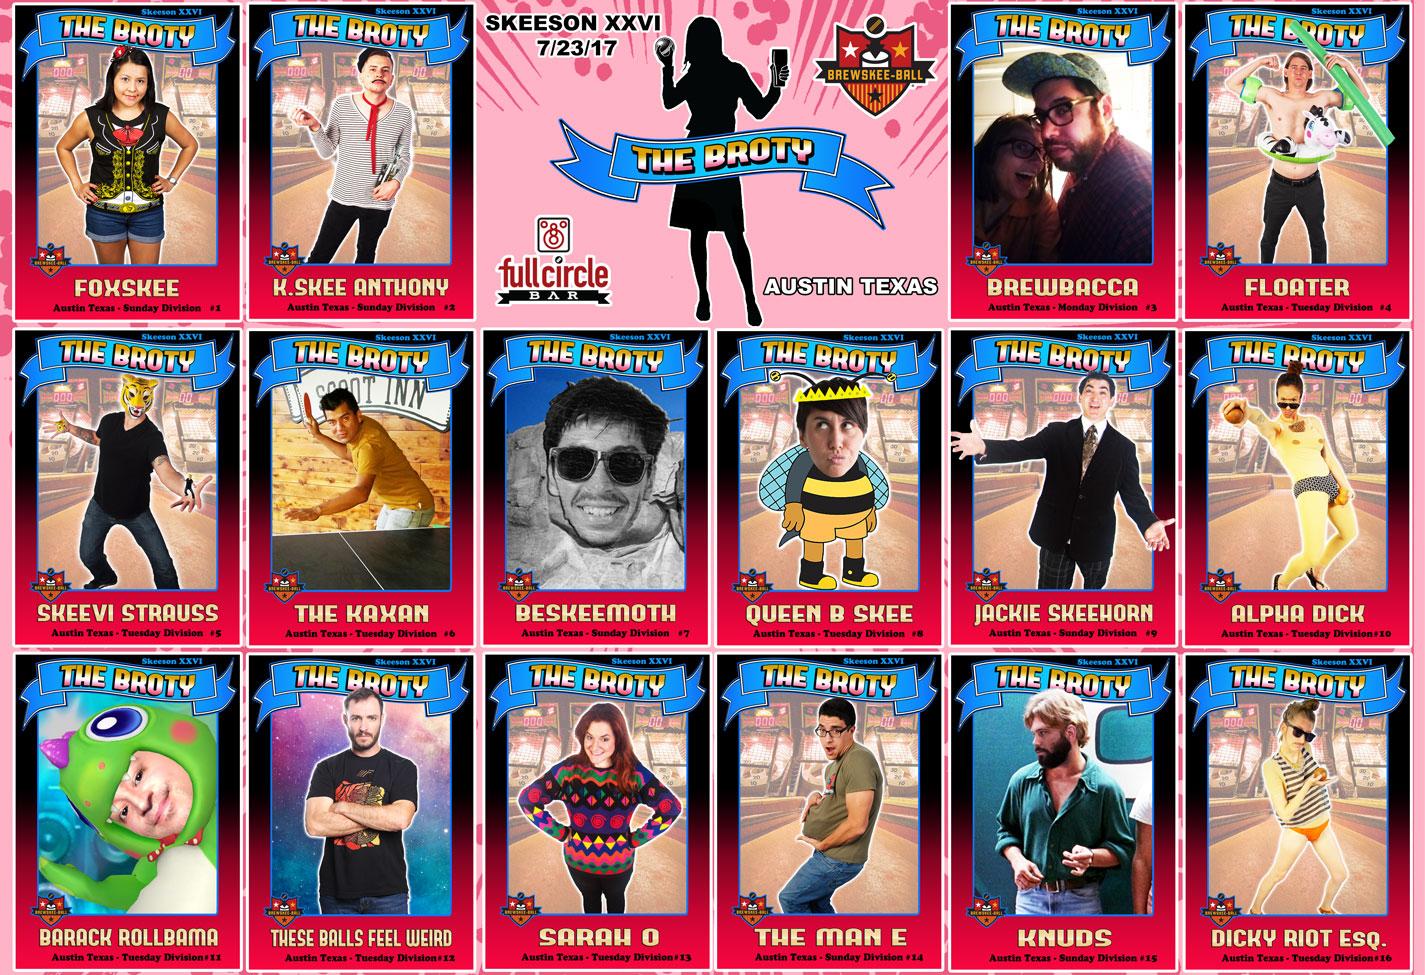 SK26-BROTYPost-01-WEB.jpg